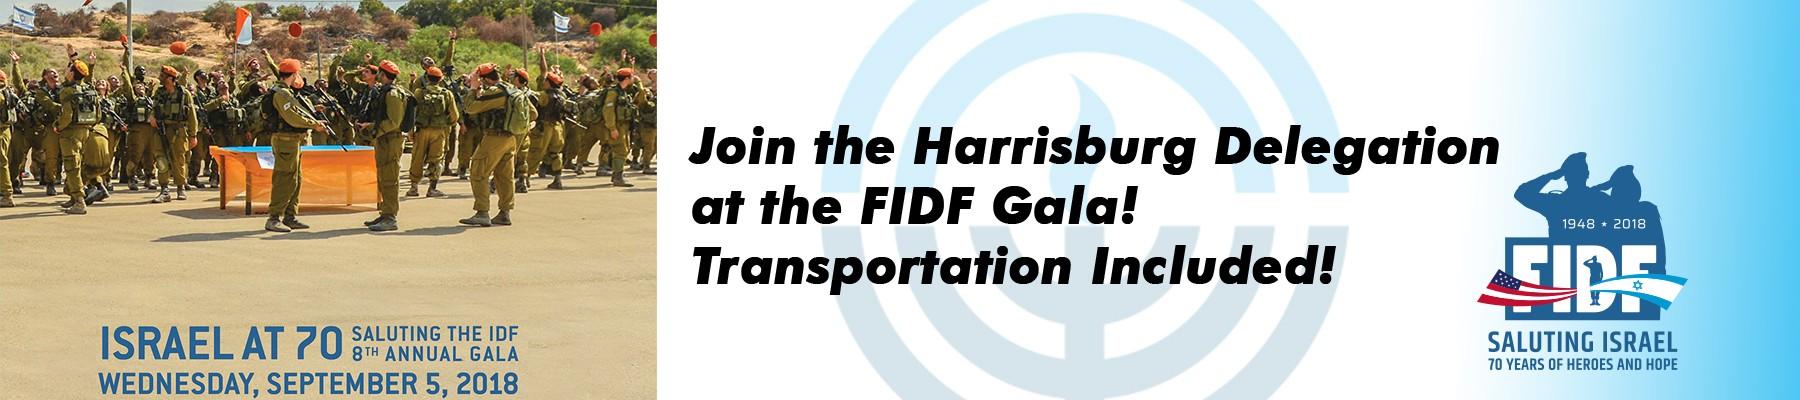 FIDF - 1800 x 400.jpg